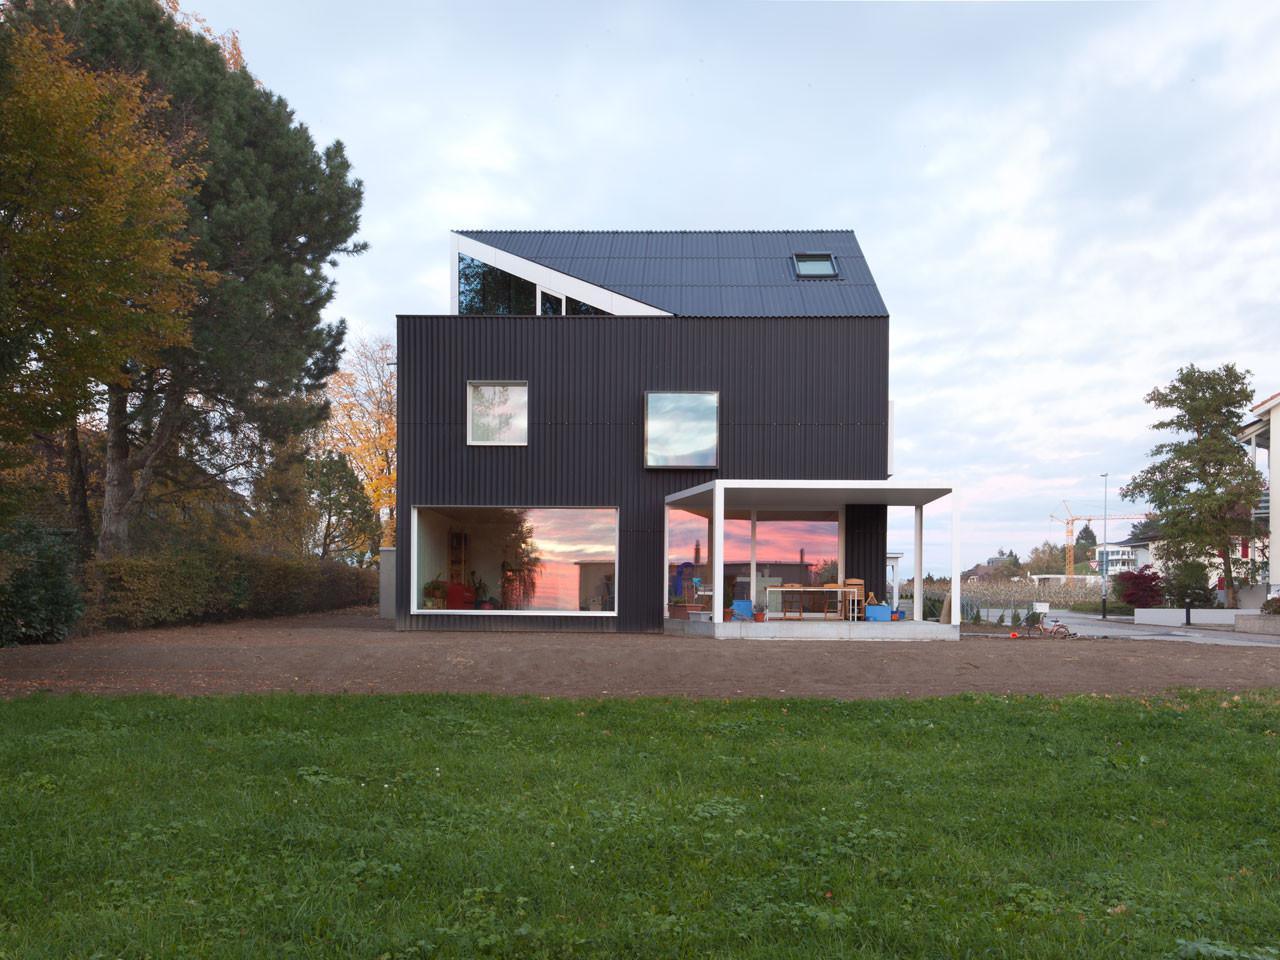 House in Bellmund / EXH Design, © Eik Frenzel